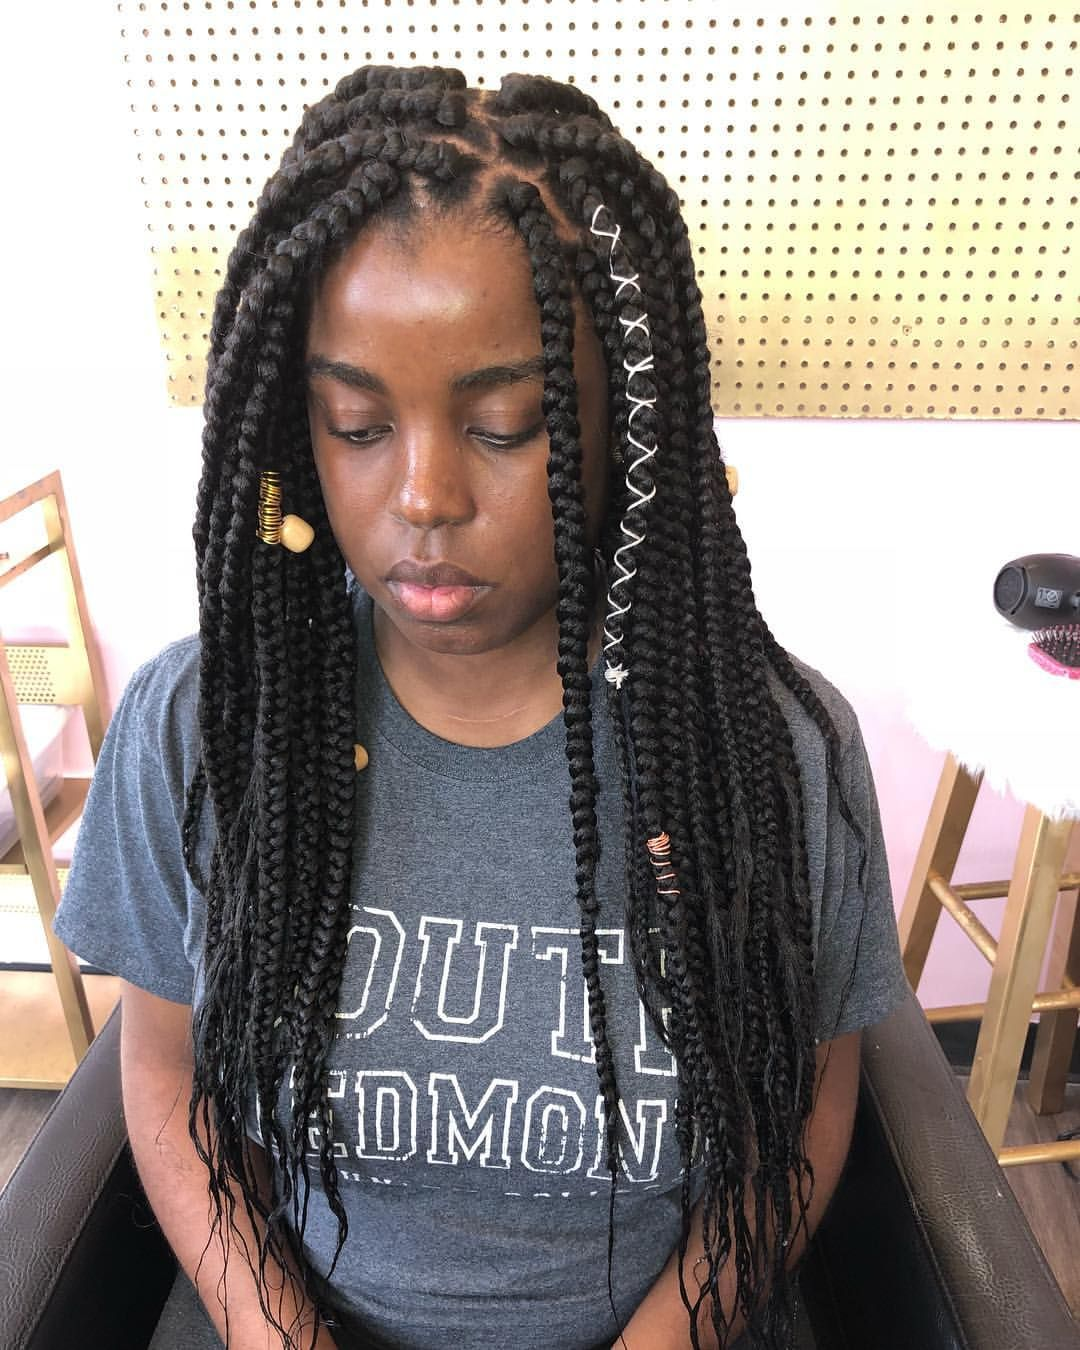 Image Result For Boho Braids Black Hair Boho Braids Hair Black Hair